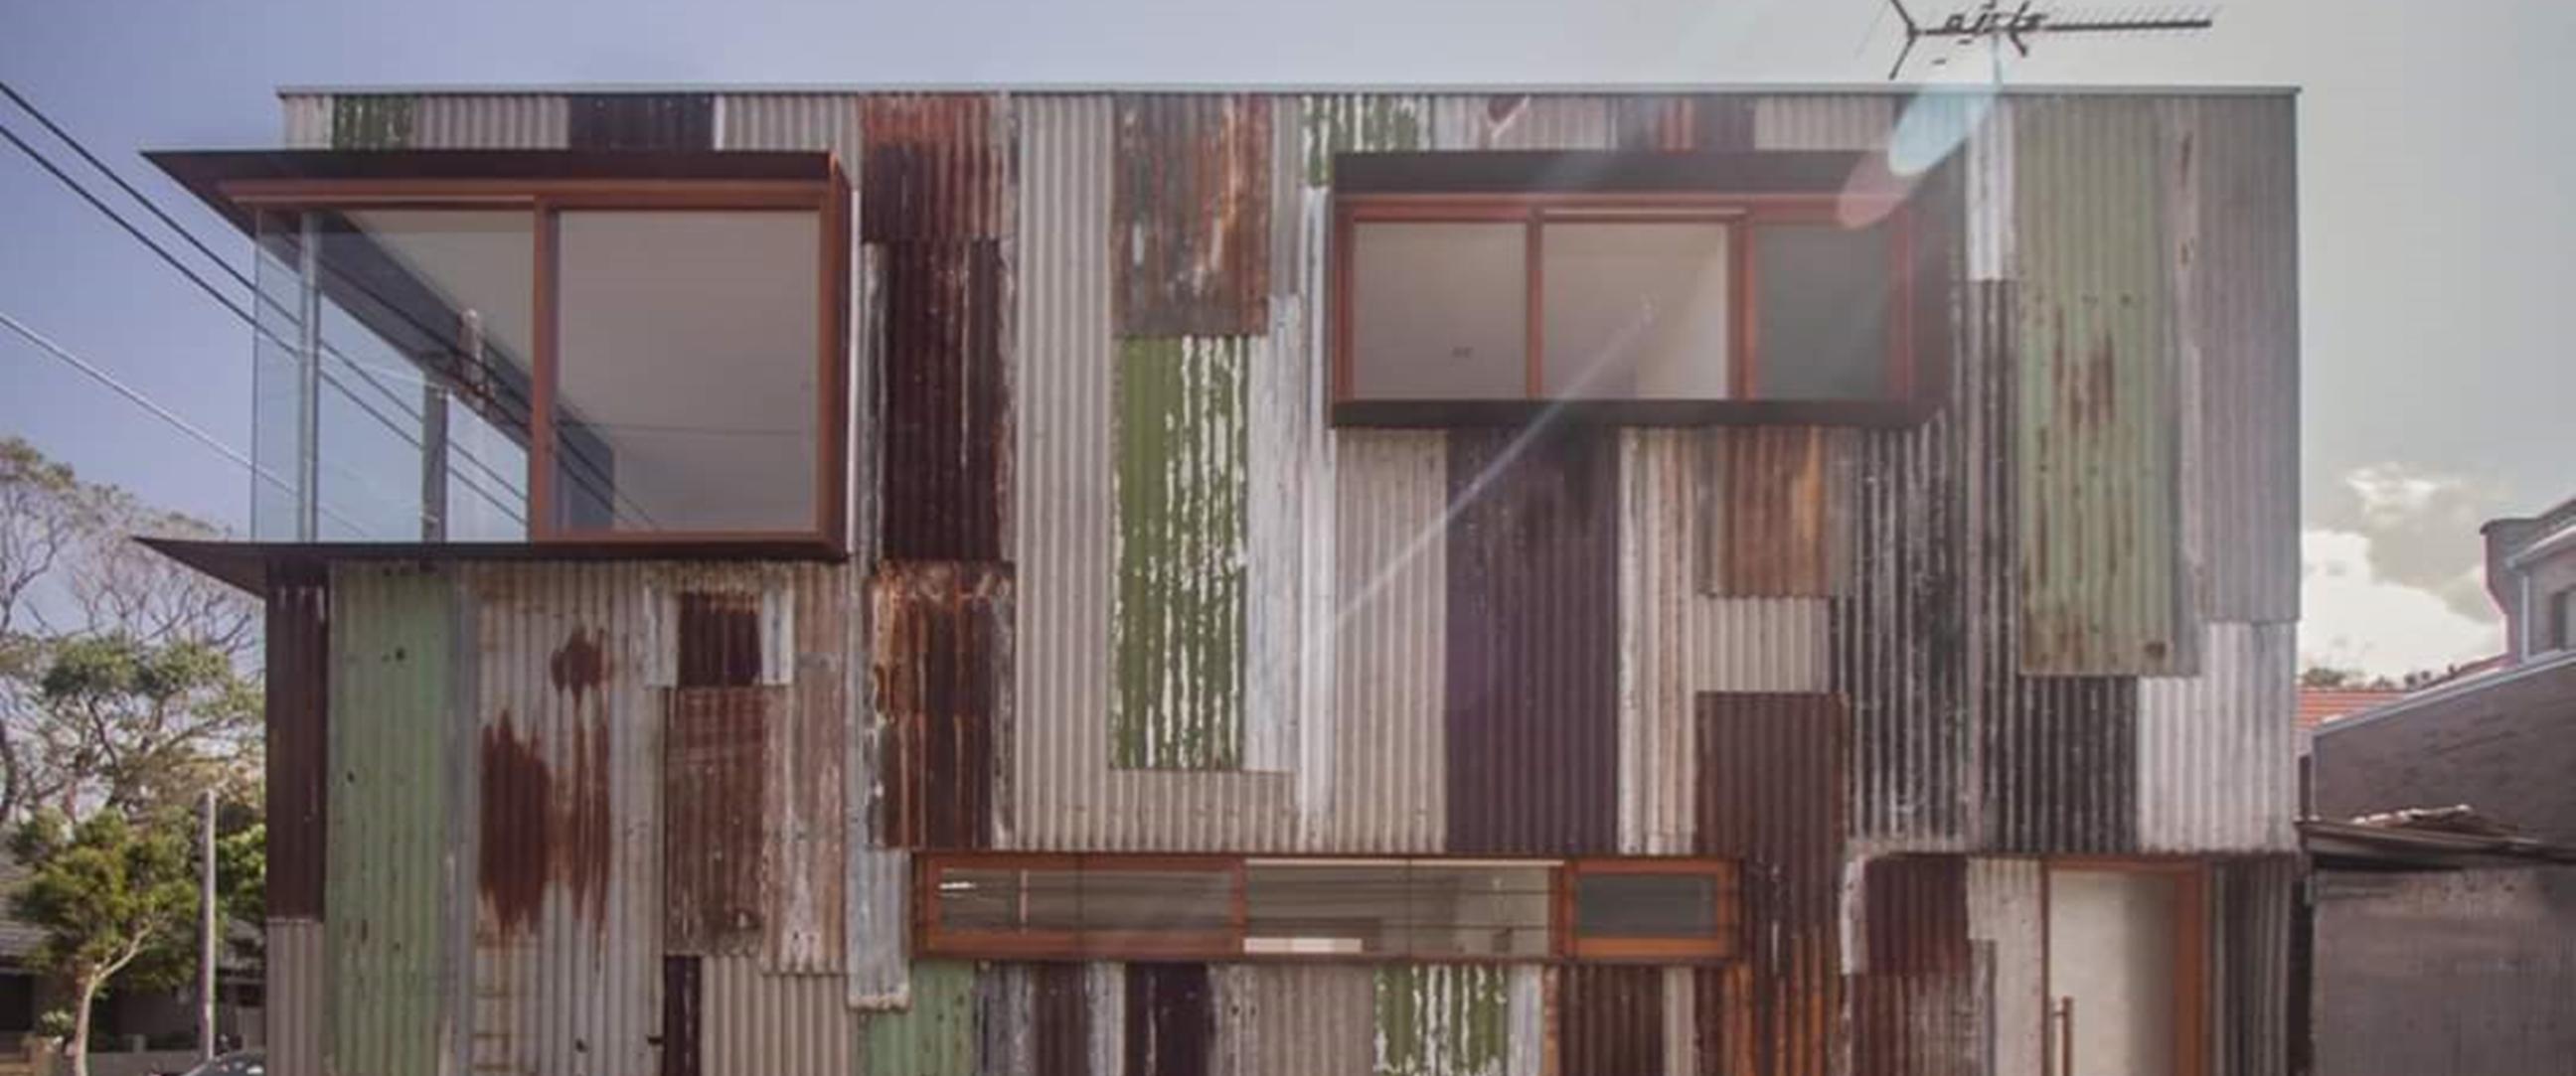 Luarnya dibuat dari seng karatan, 6 foto isi rumah bikin kaget